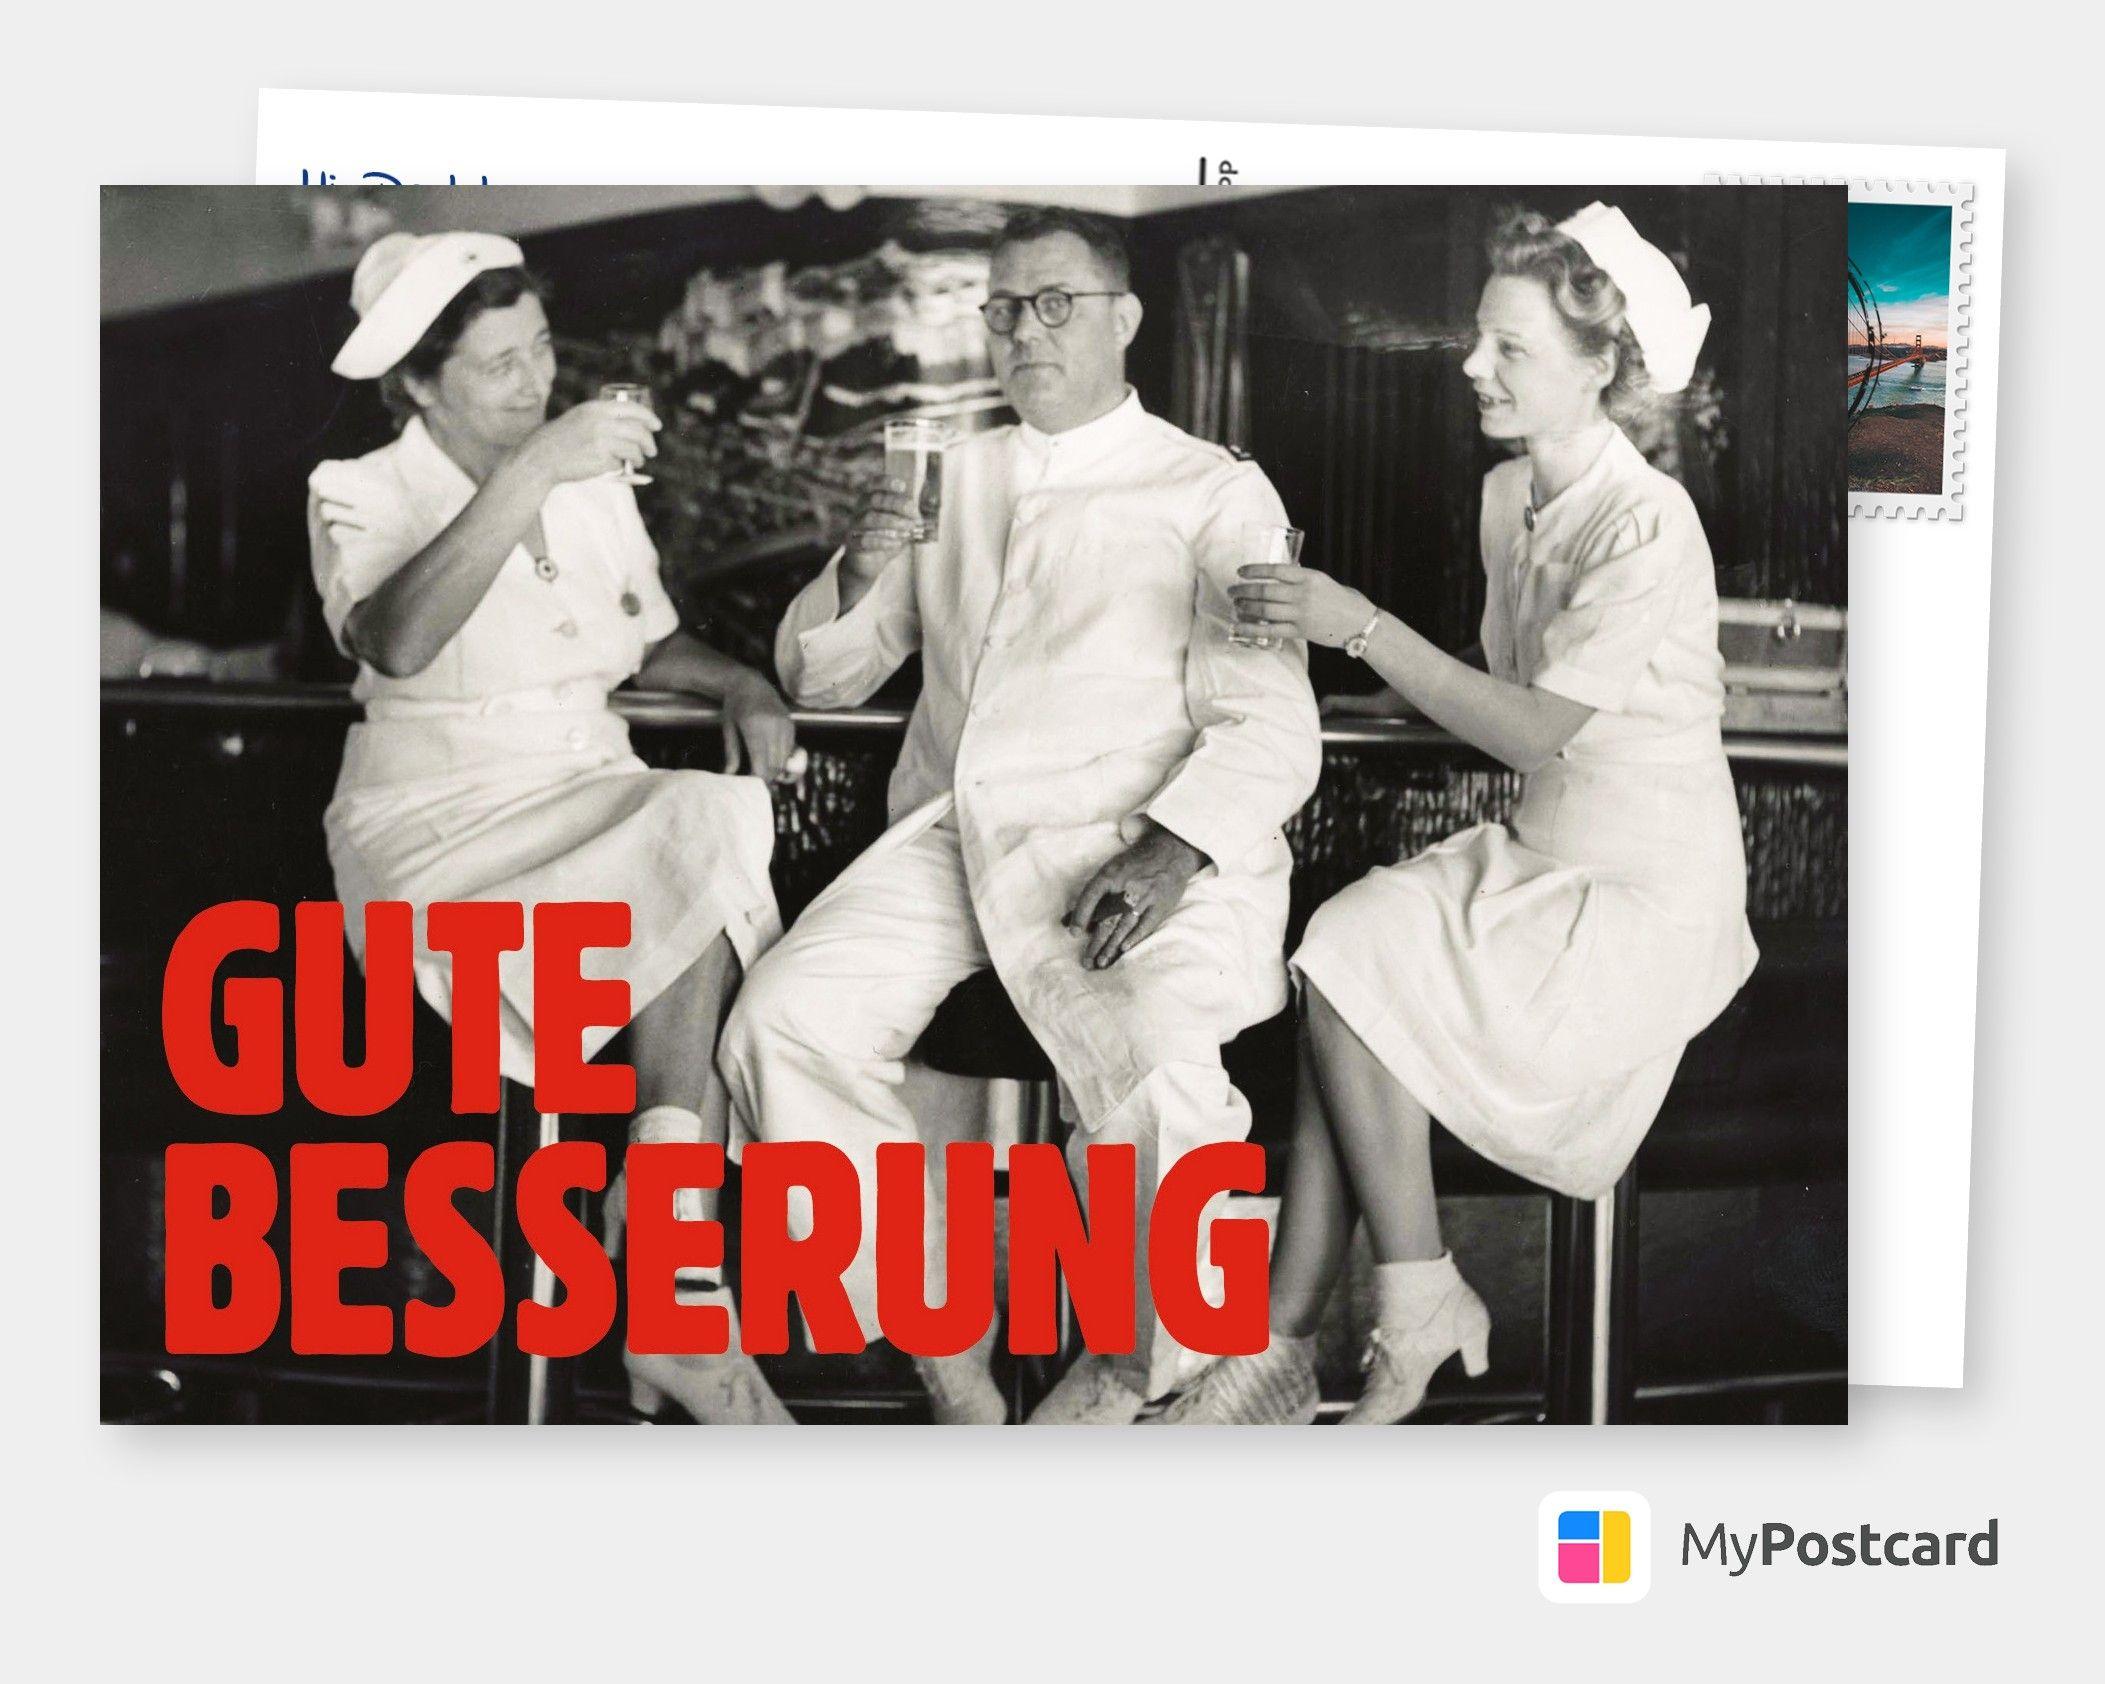 Postkarten Grusskarten Witzige Karten Spruche Online